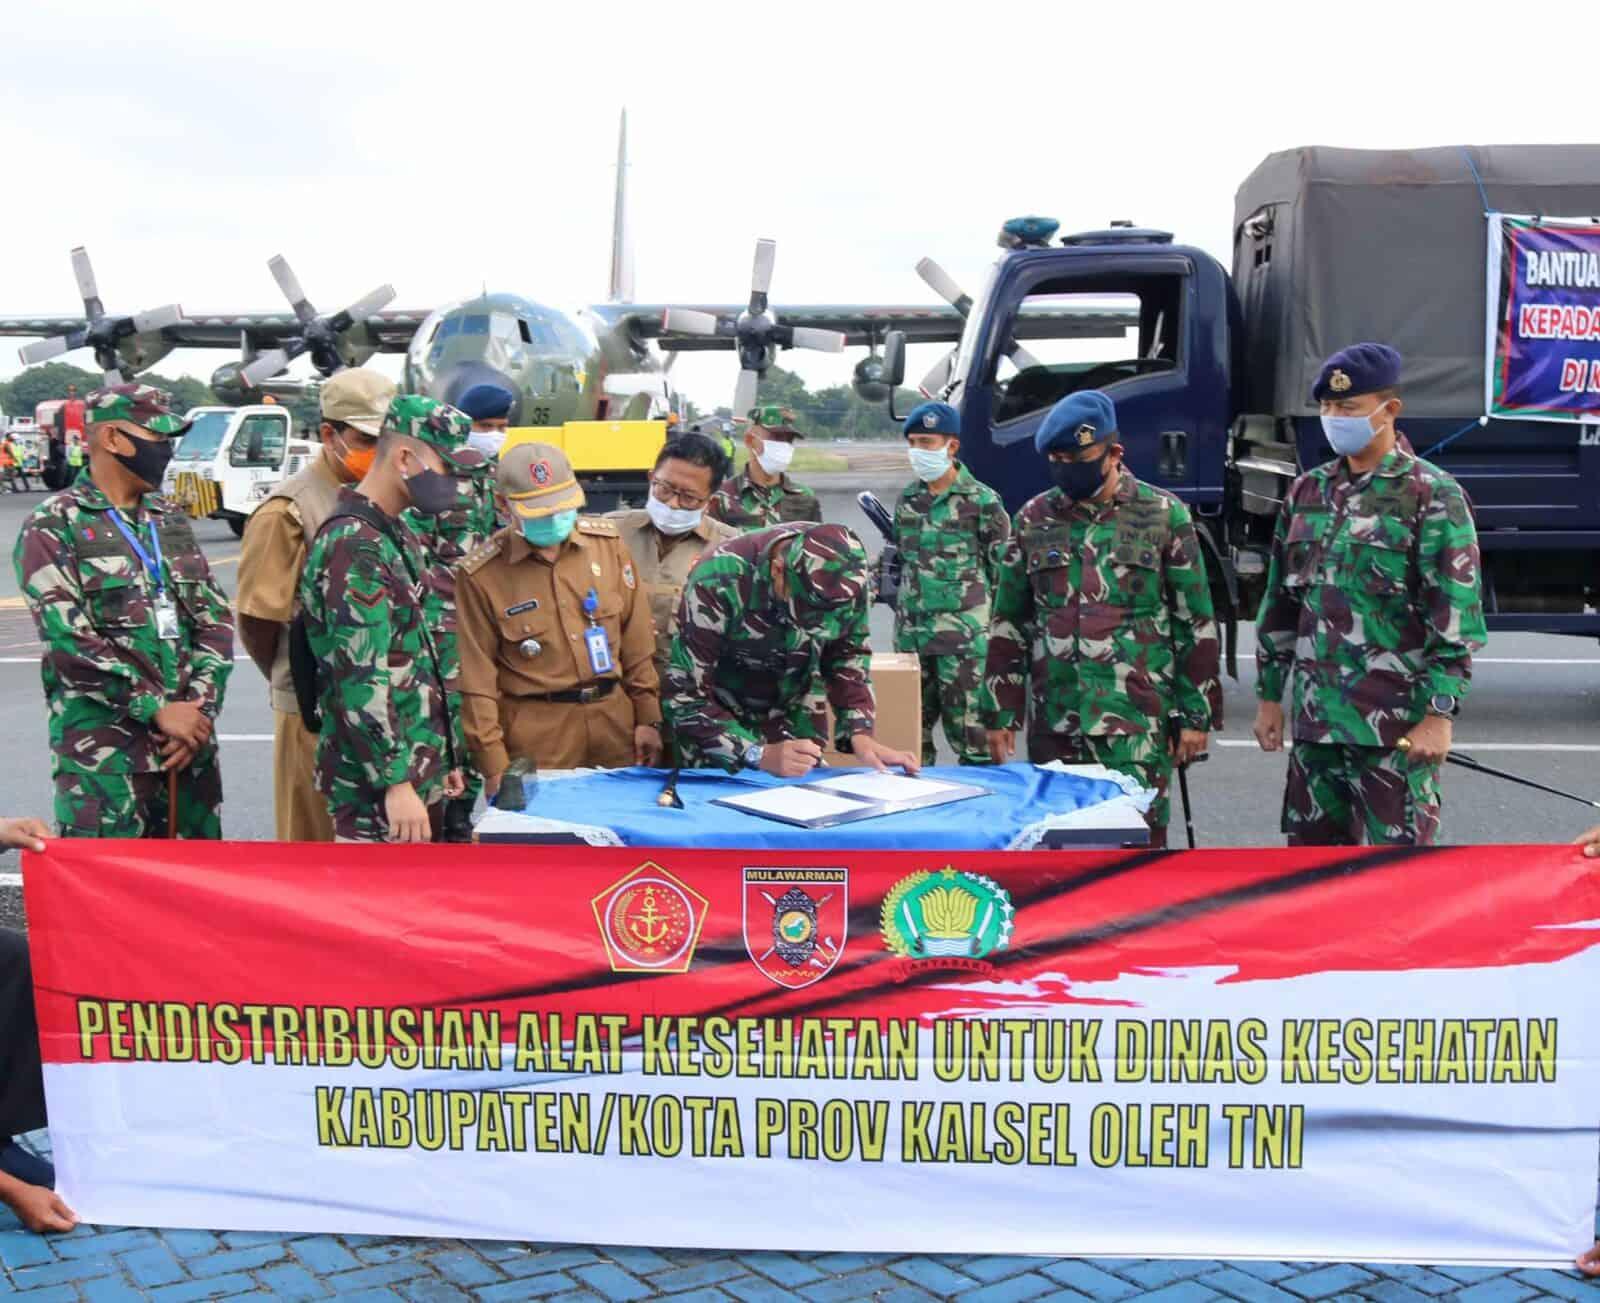 TNI AU Terus Lakukan Bantuan Dengan Distribusikan Bantuan APD Dari Kemenkes RI Dalam Mendukung Percepatan Penanganan Covid-19 di Kalimantan Selatan Pada Tahap Kesepuluh